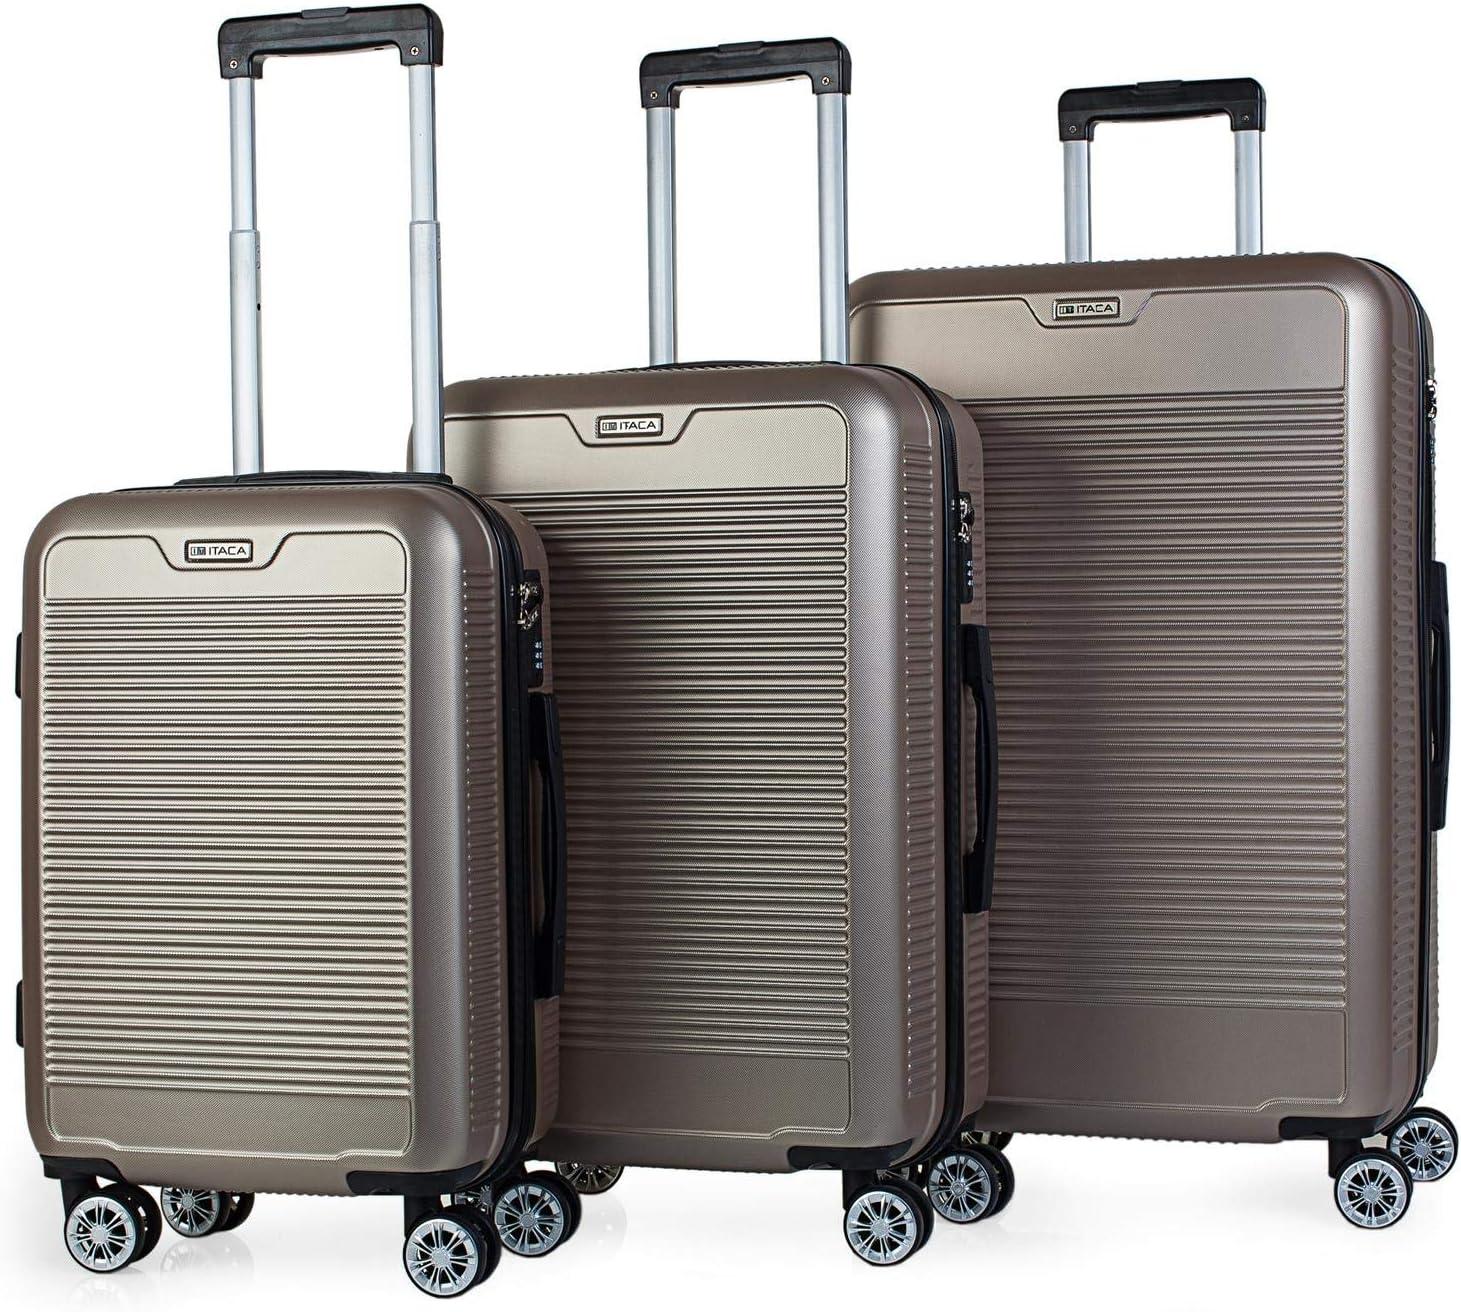 ITACA - Juego Maletas de Viaje Rígidas 4 Ruedas Trolley Set 55/67/76 cm ABS. Duras Cómodas Resistentes y Ligeras. Candado. Pequeña Cabina Ryanair, Mediana y Grande. T72000, Color Dorado